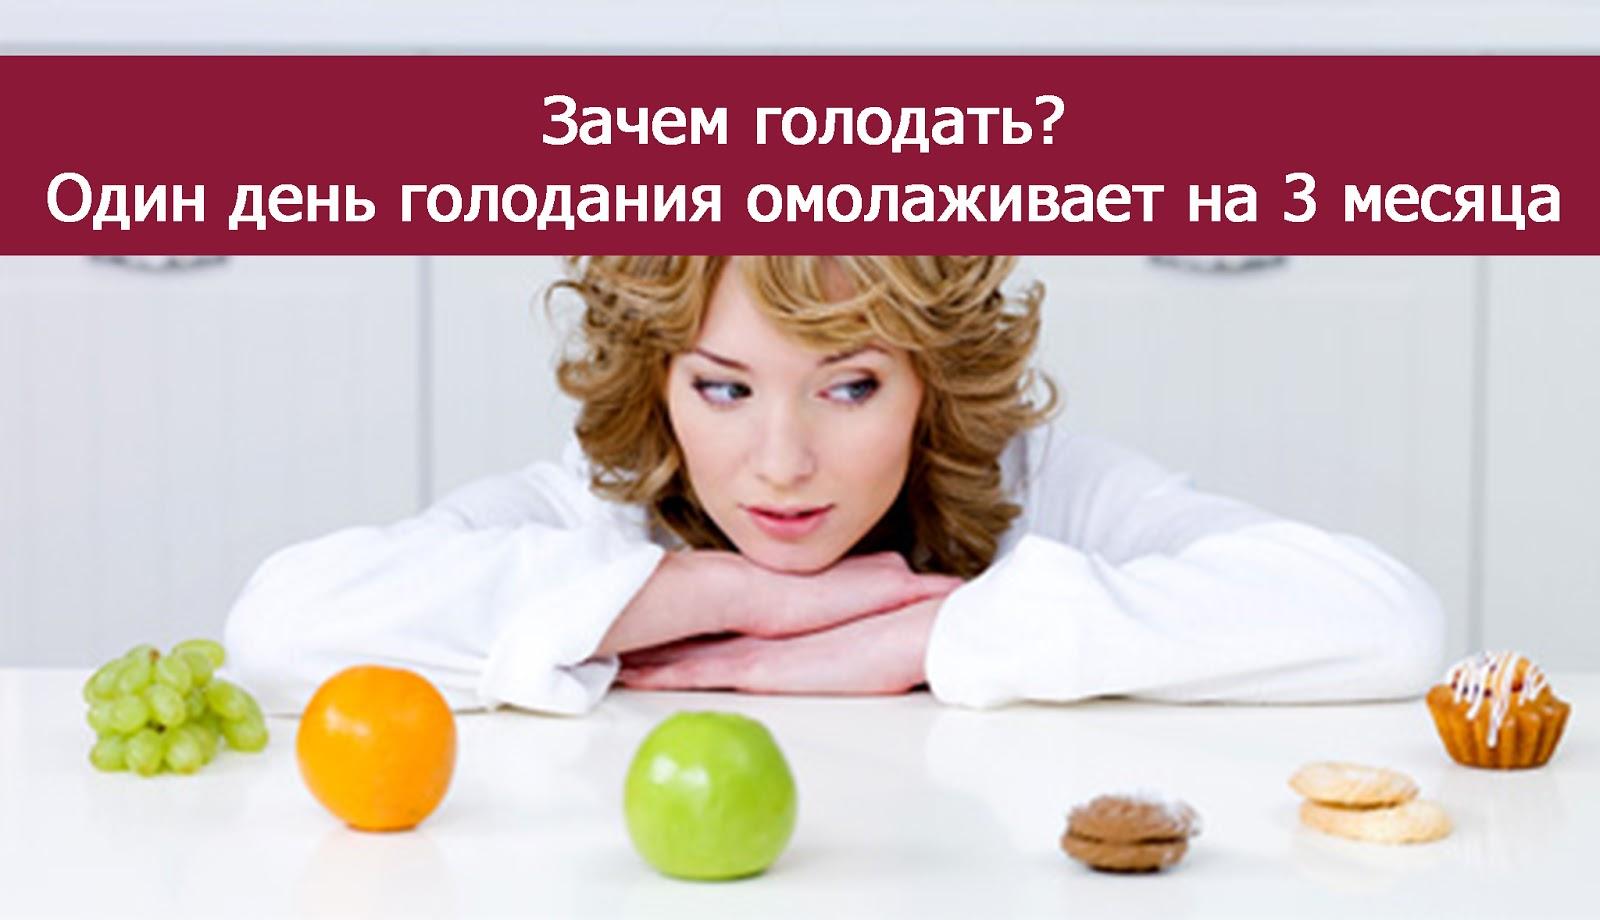 """Результат пошуку зображень за запитом """"1 день голодания омолаживает организм на 3 месяца!"""""""